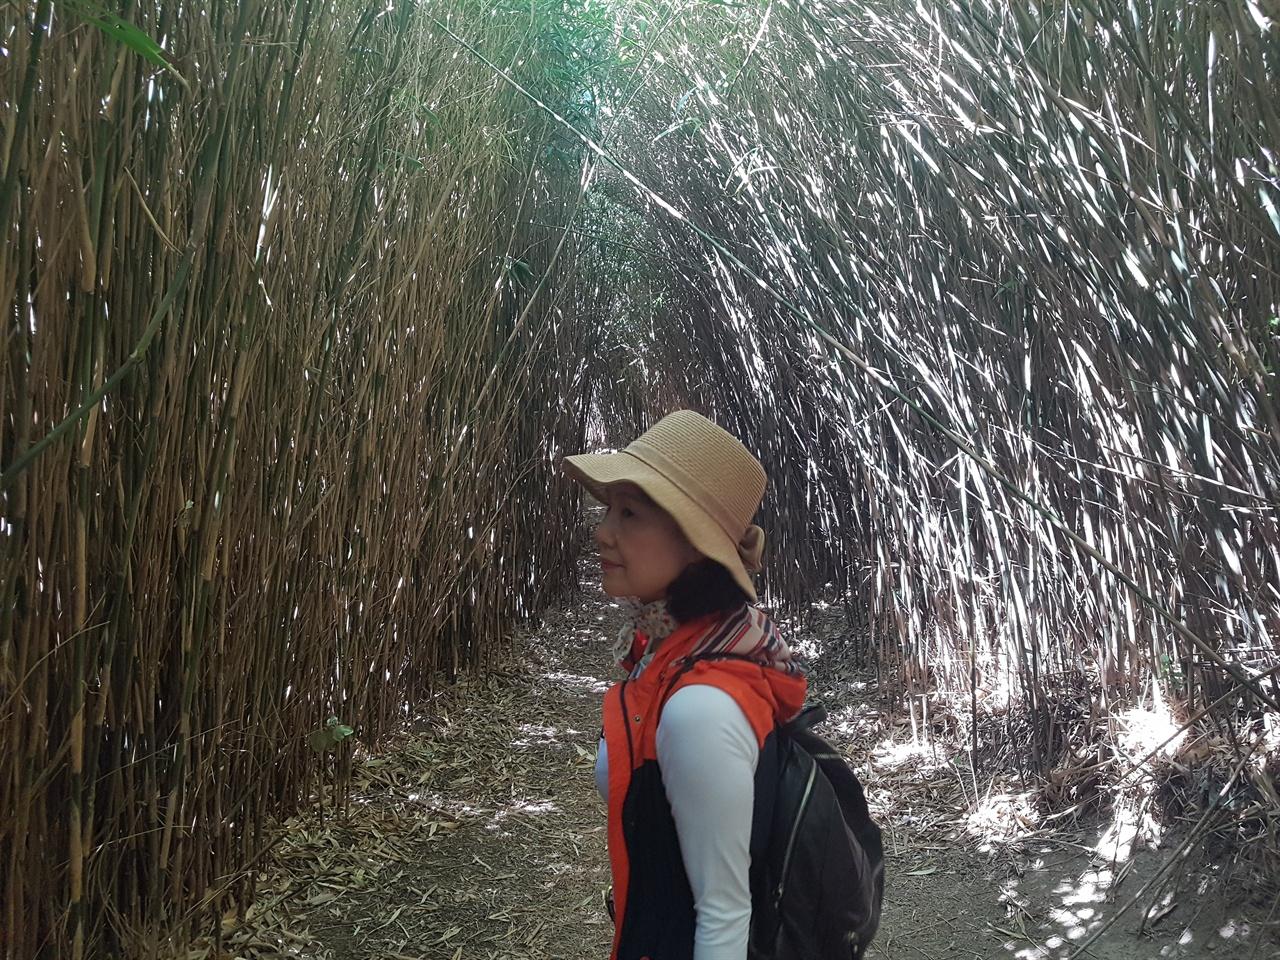 수많은 대나무가 터널을 이루고 자라있다. 죽도라는 이름이 붙여진 이유이다.